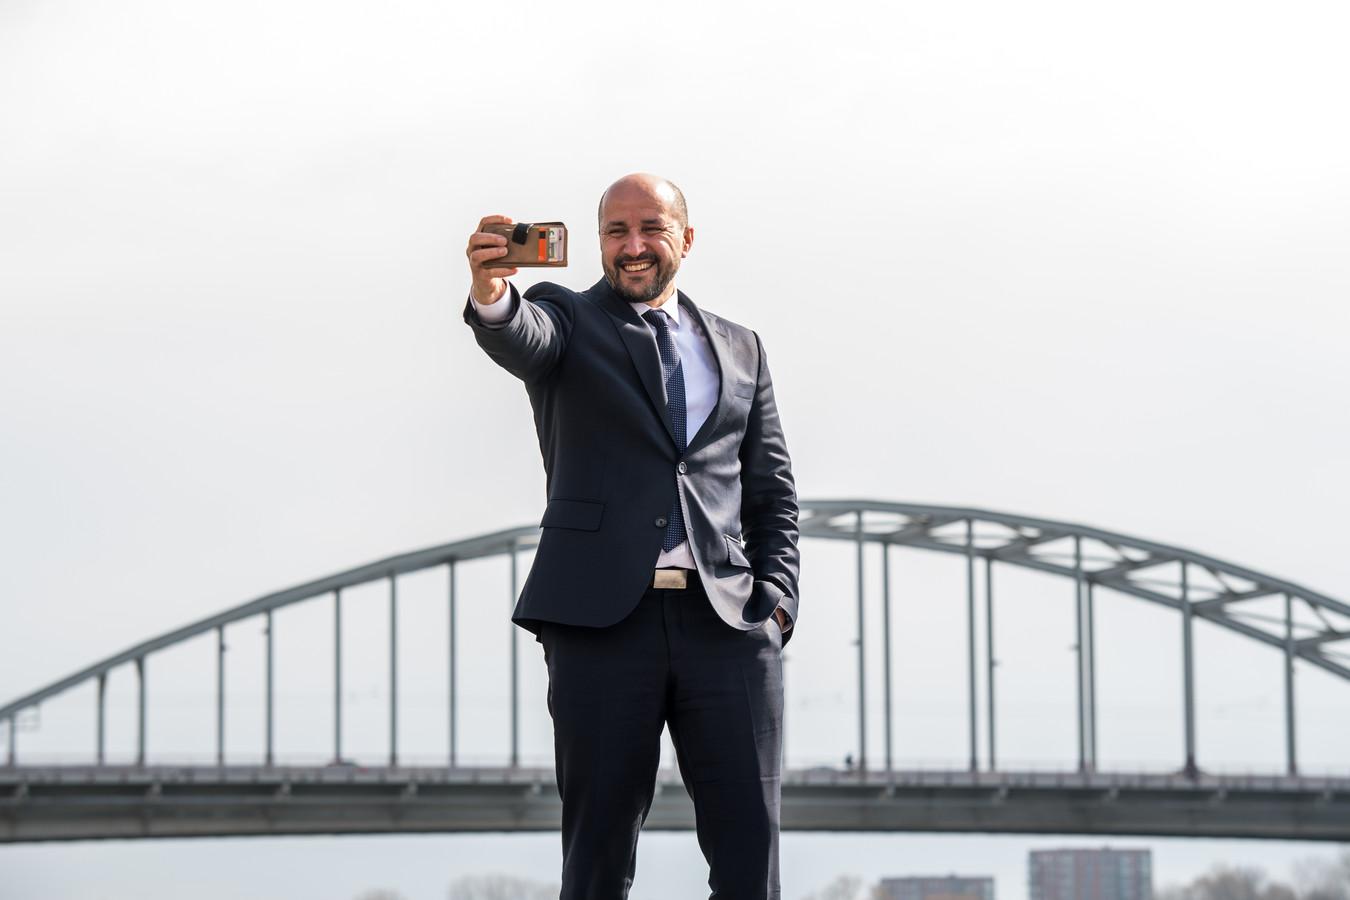 burgemeester Ahmed Marcouch van Arnhem voor de campagne 'ik sta voor'